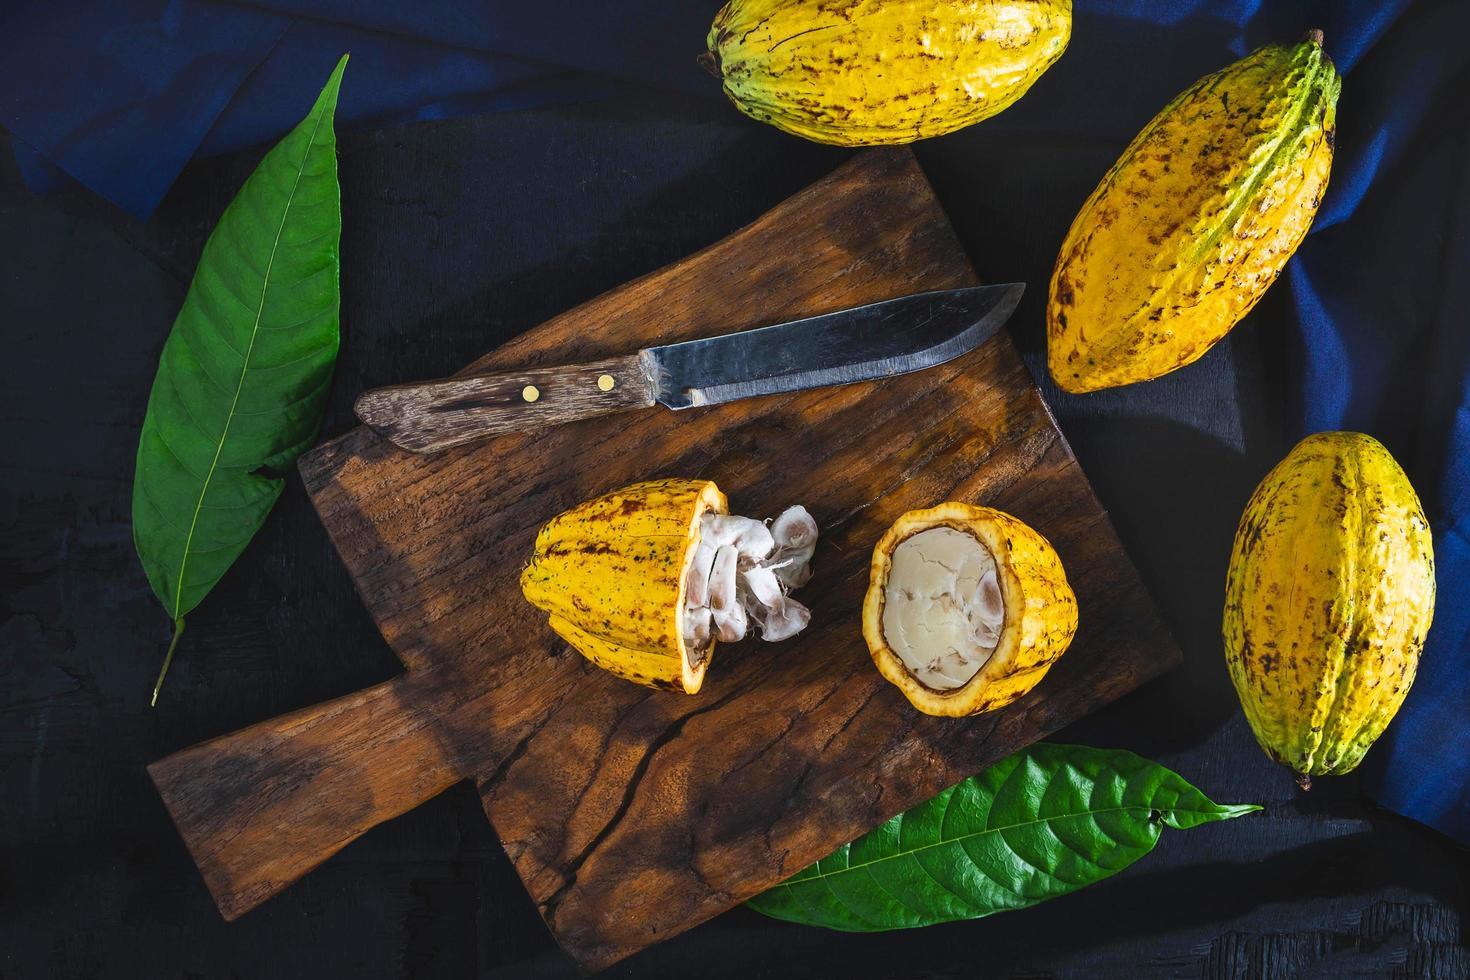 couper les fruits de cacao sur une planche à découper en bois. photo